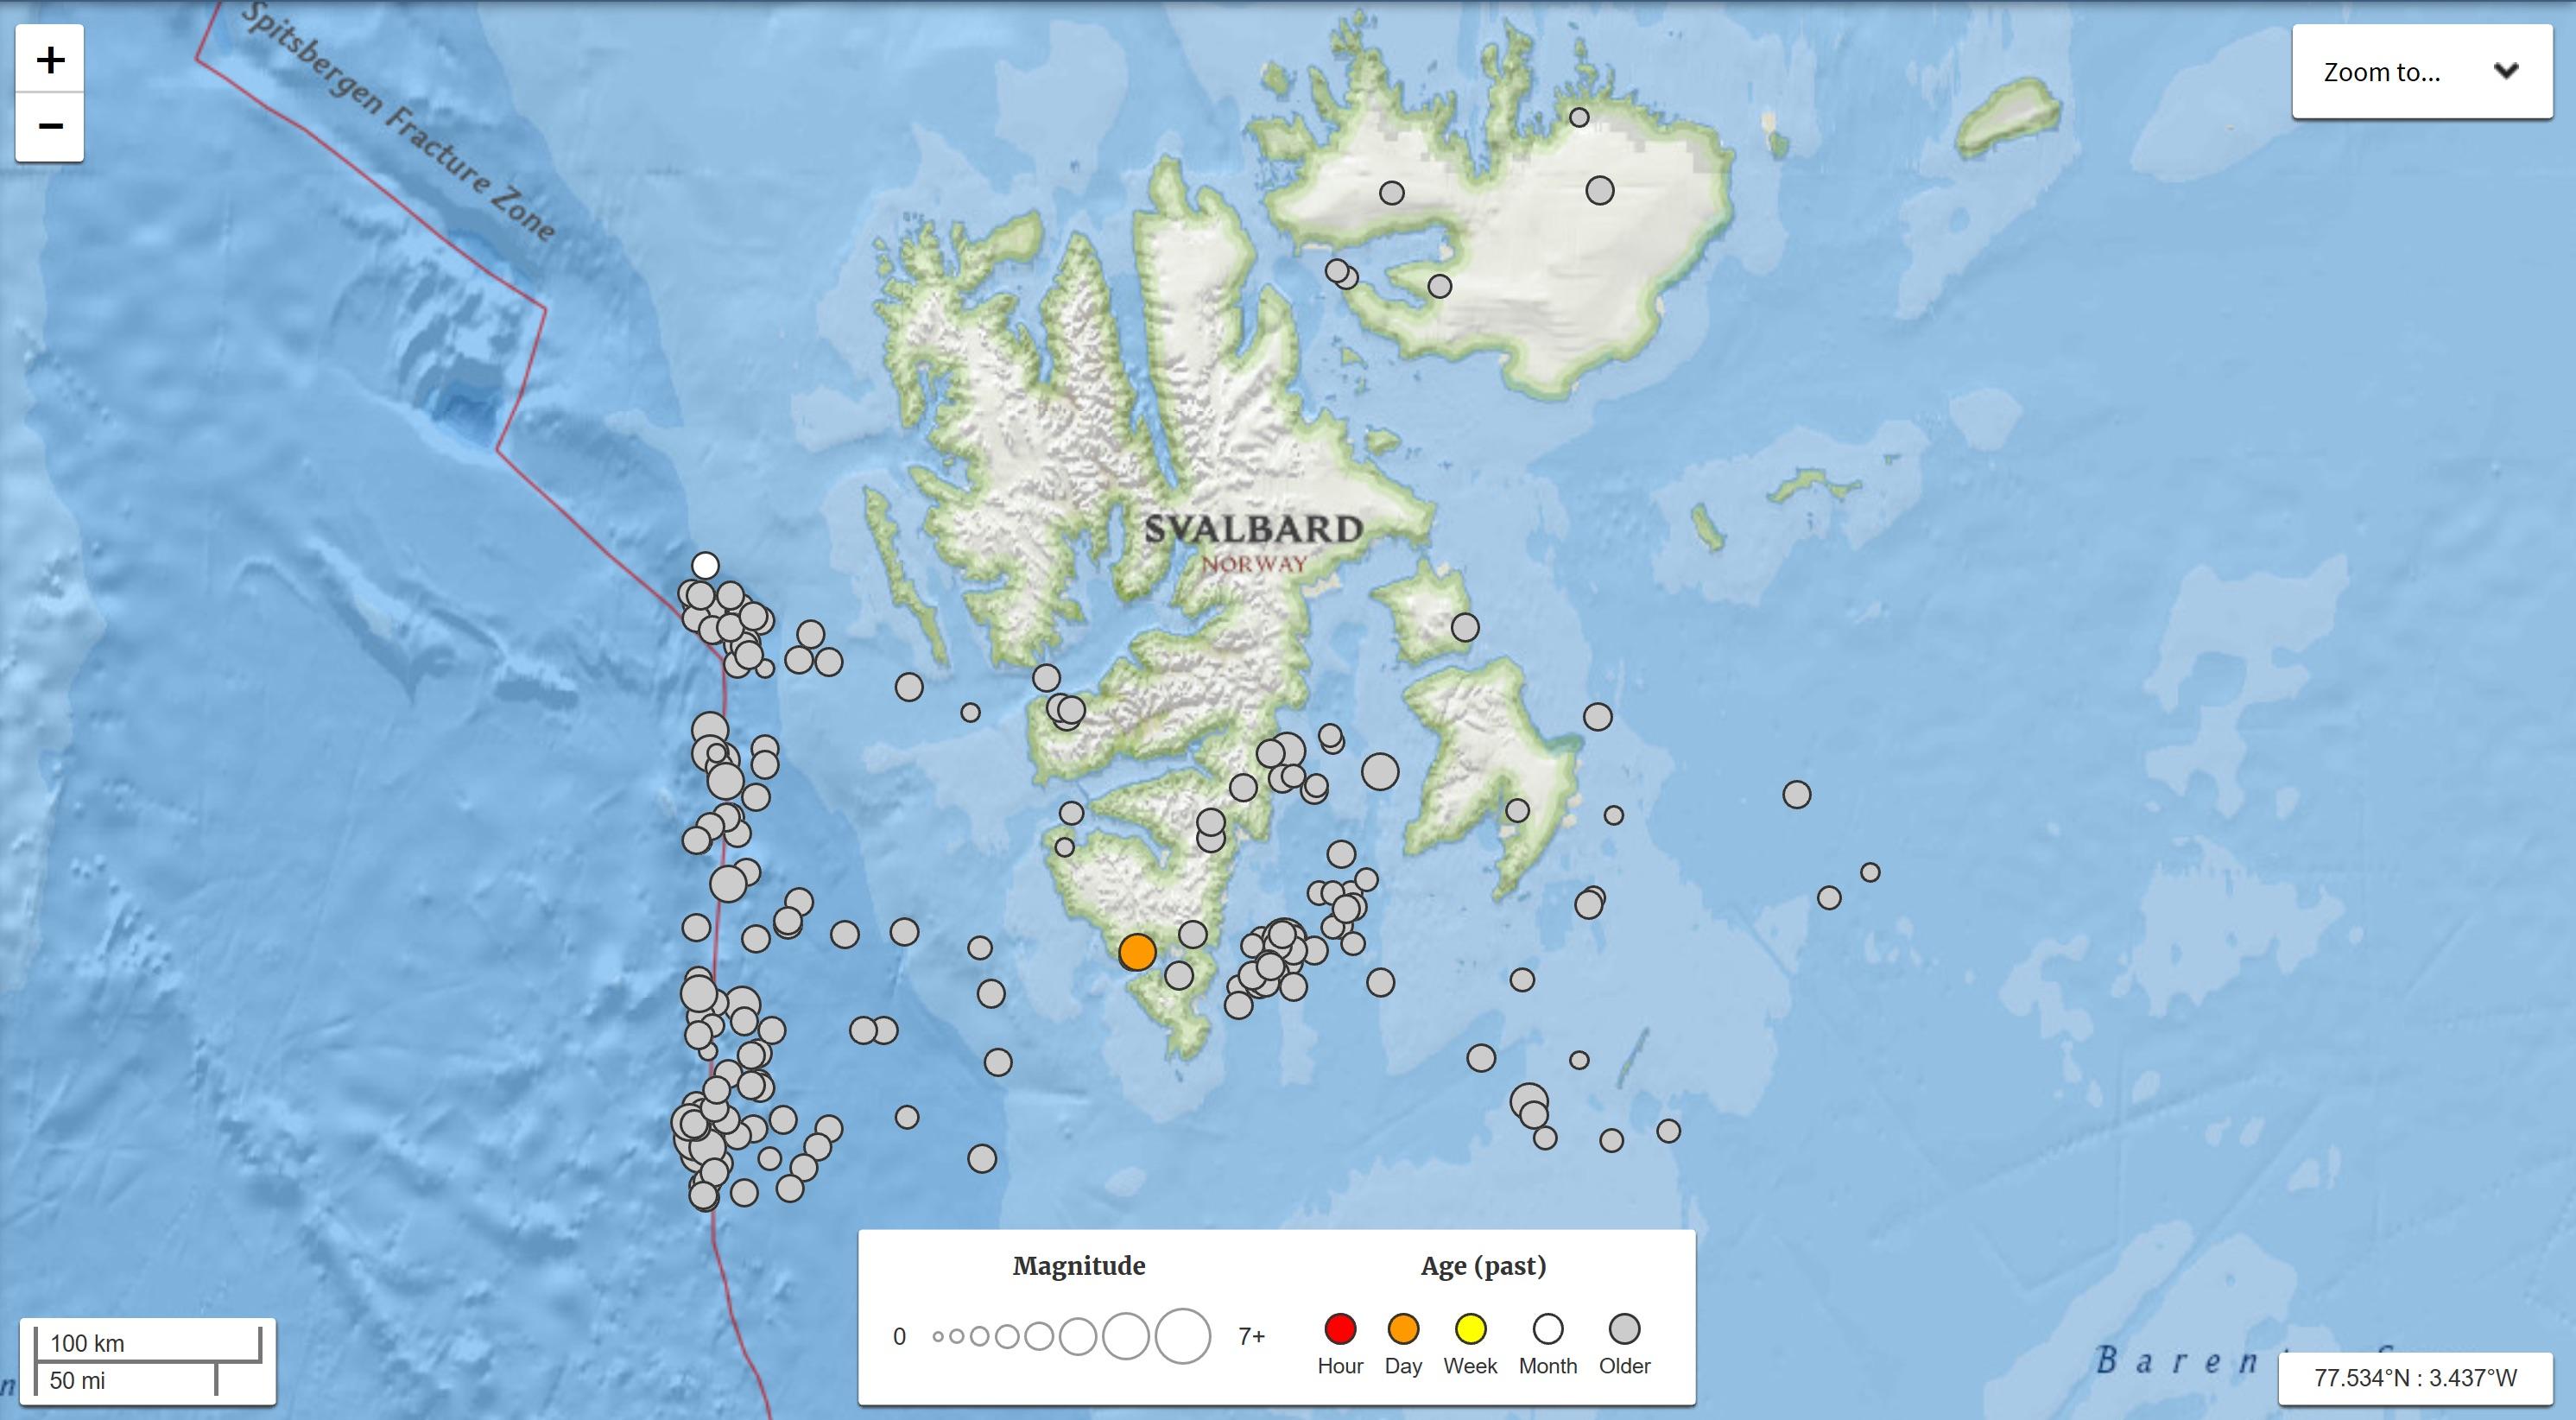 svalbard-earthquake-map